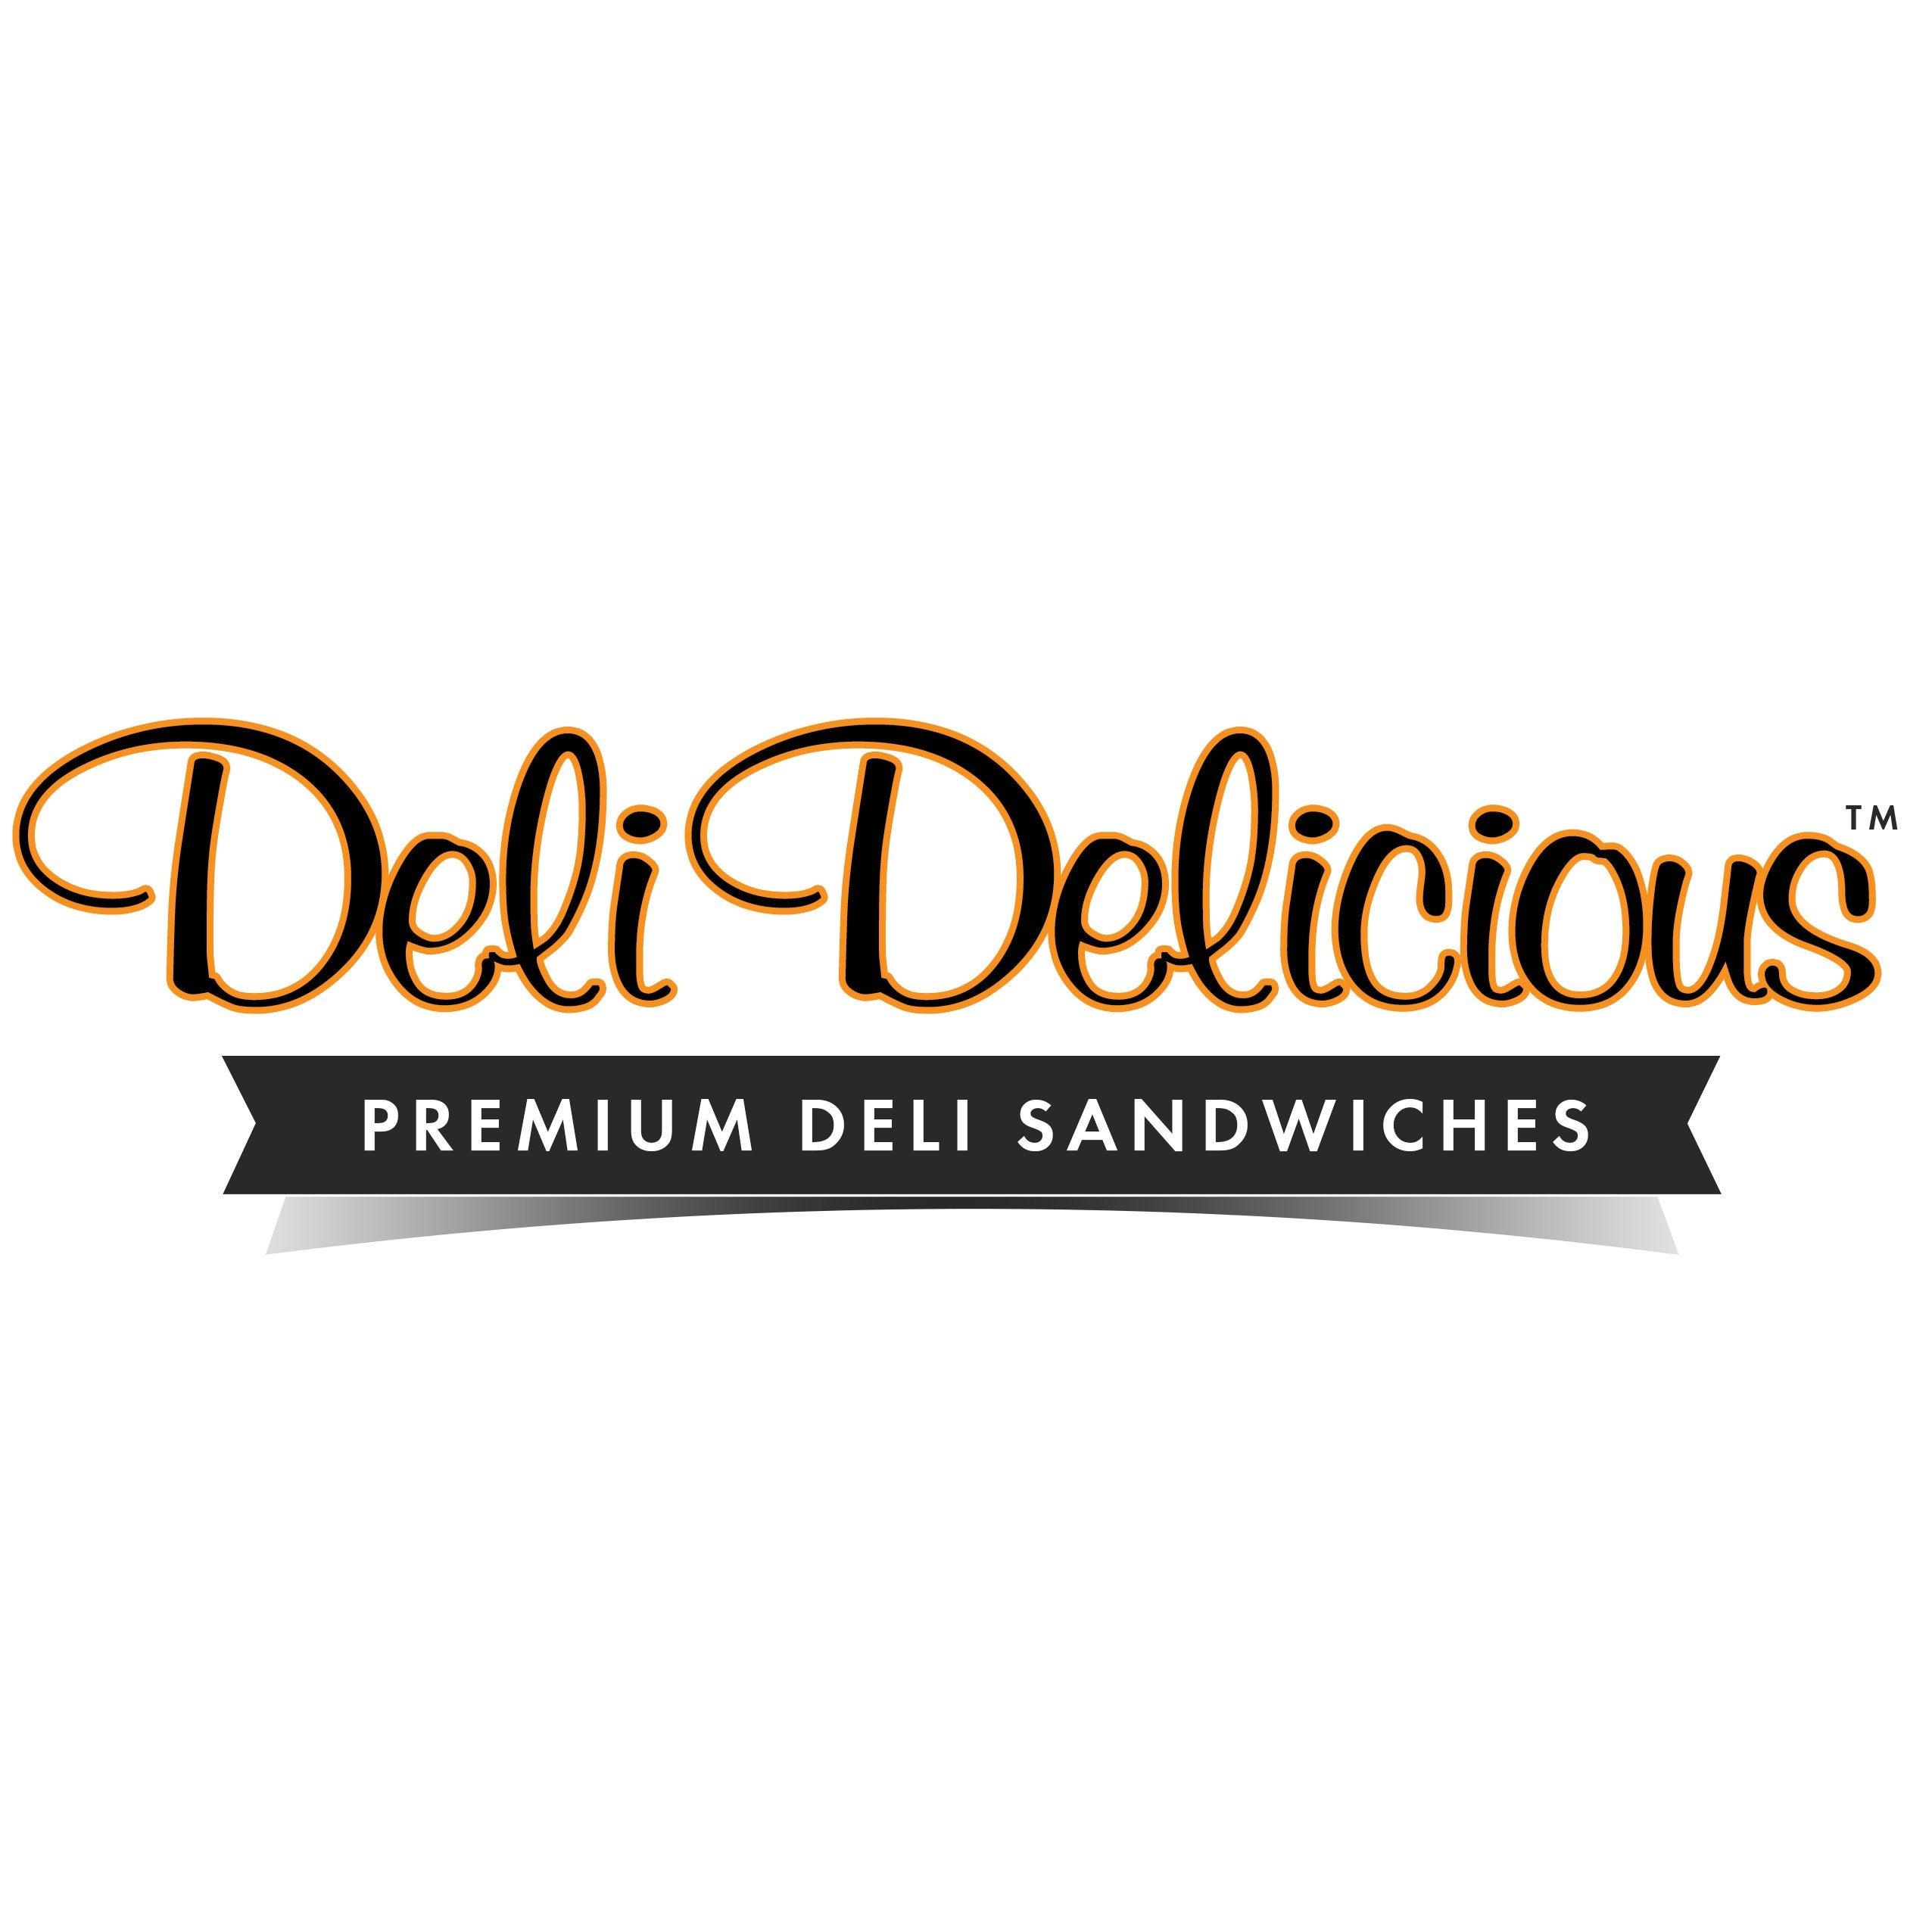 Deli Delicious